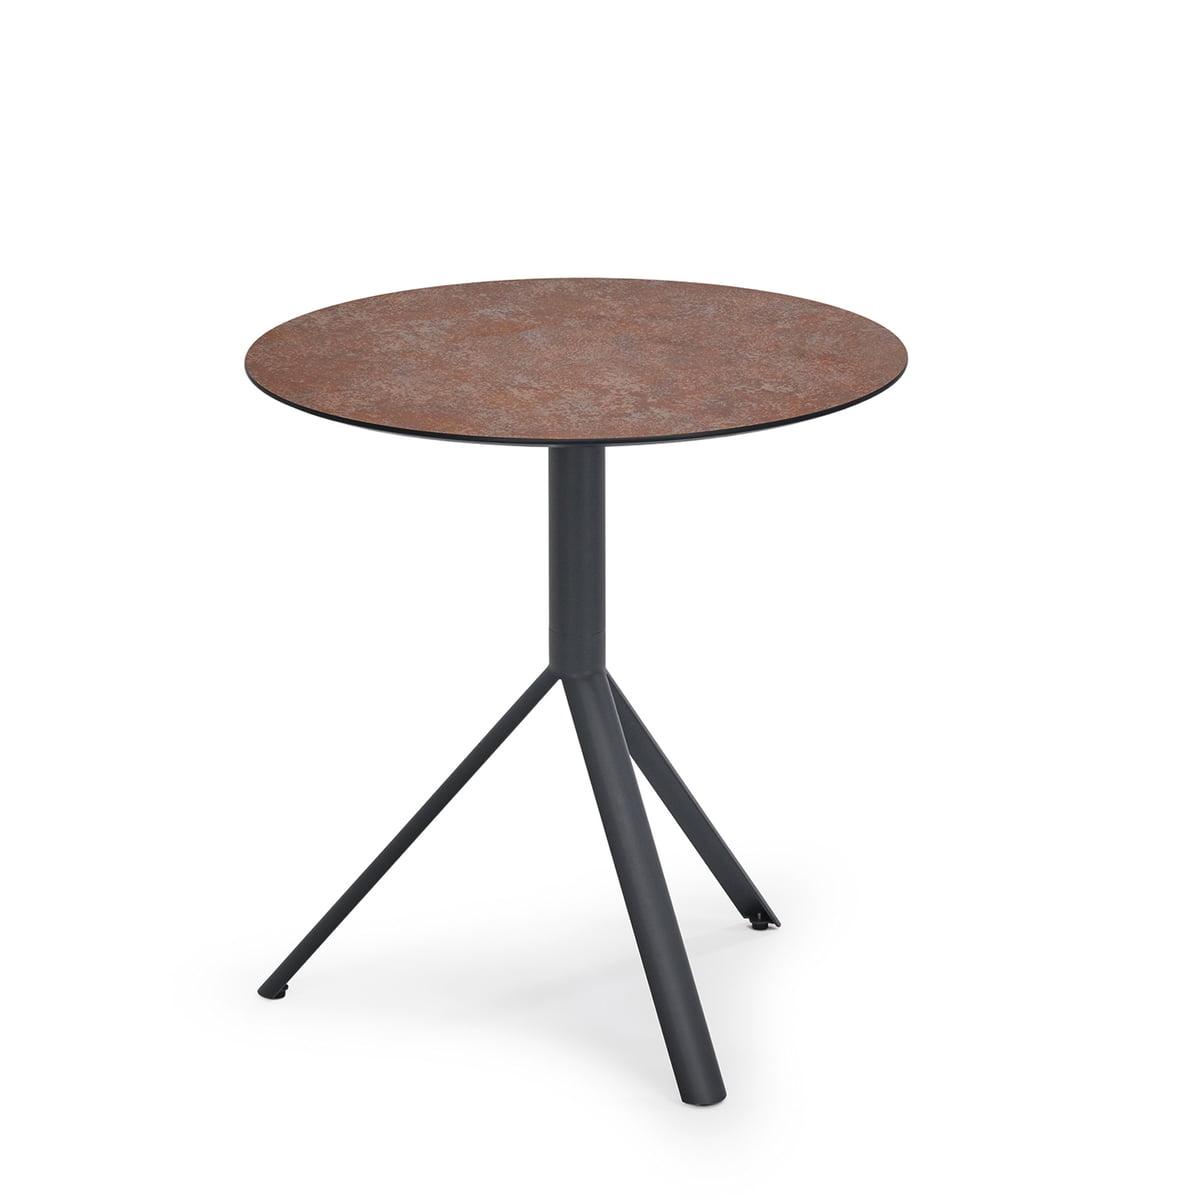 runder trio bistrotisch von weish upl kaufen. Black Bedroom Furniture Sets. Home Design Ideas